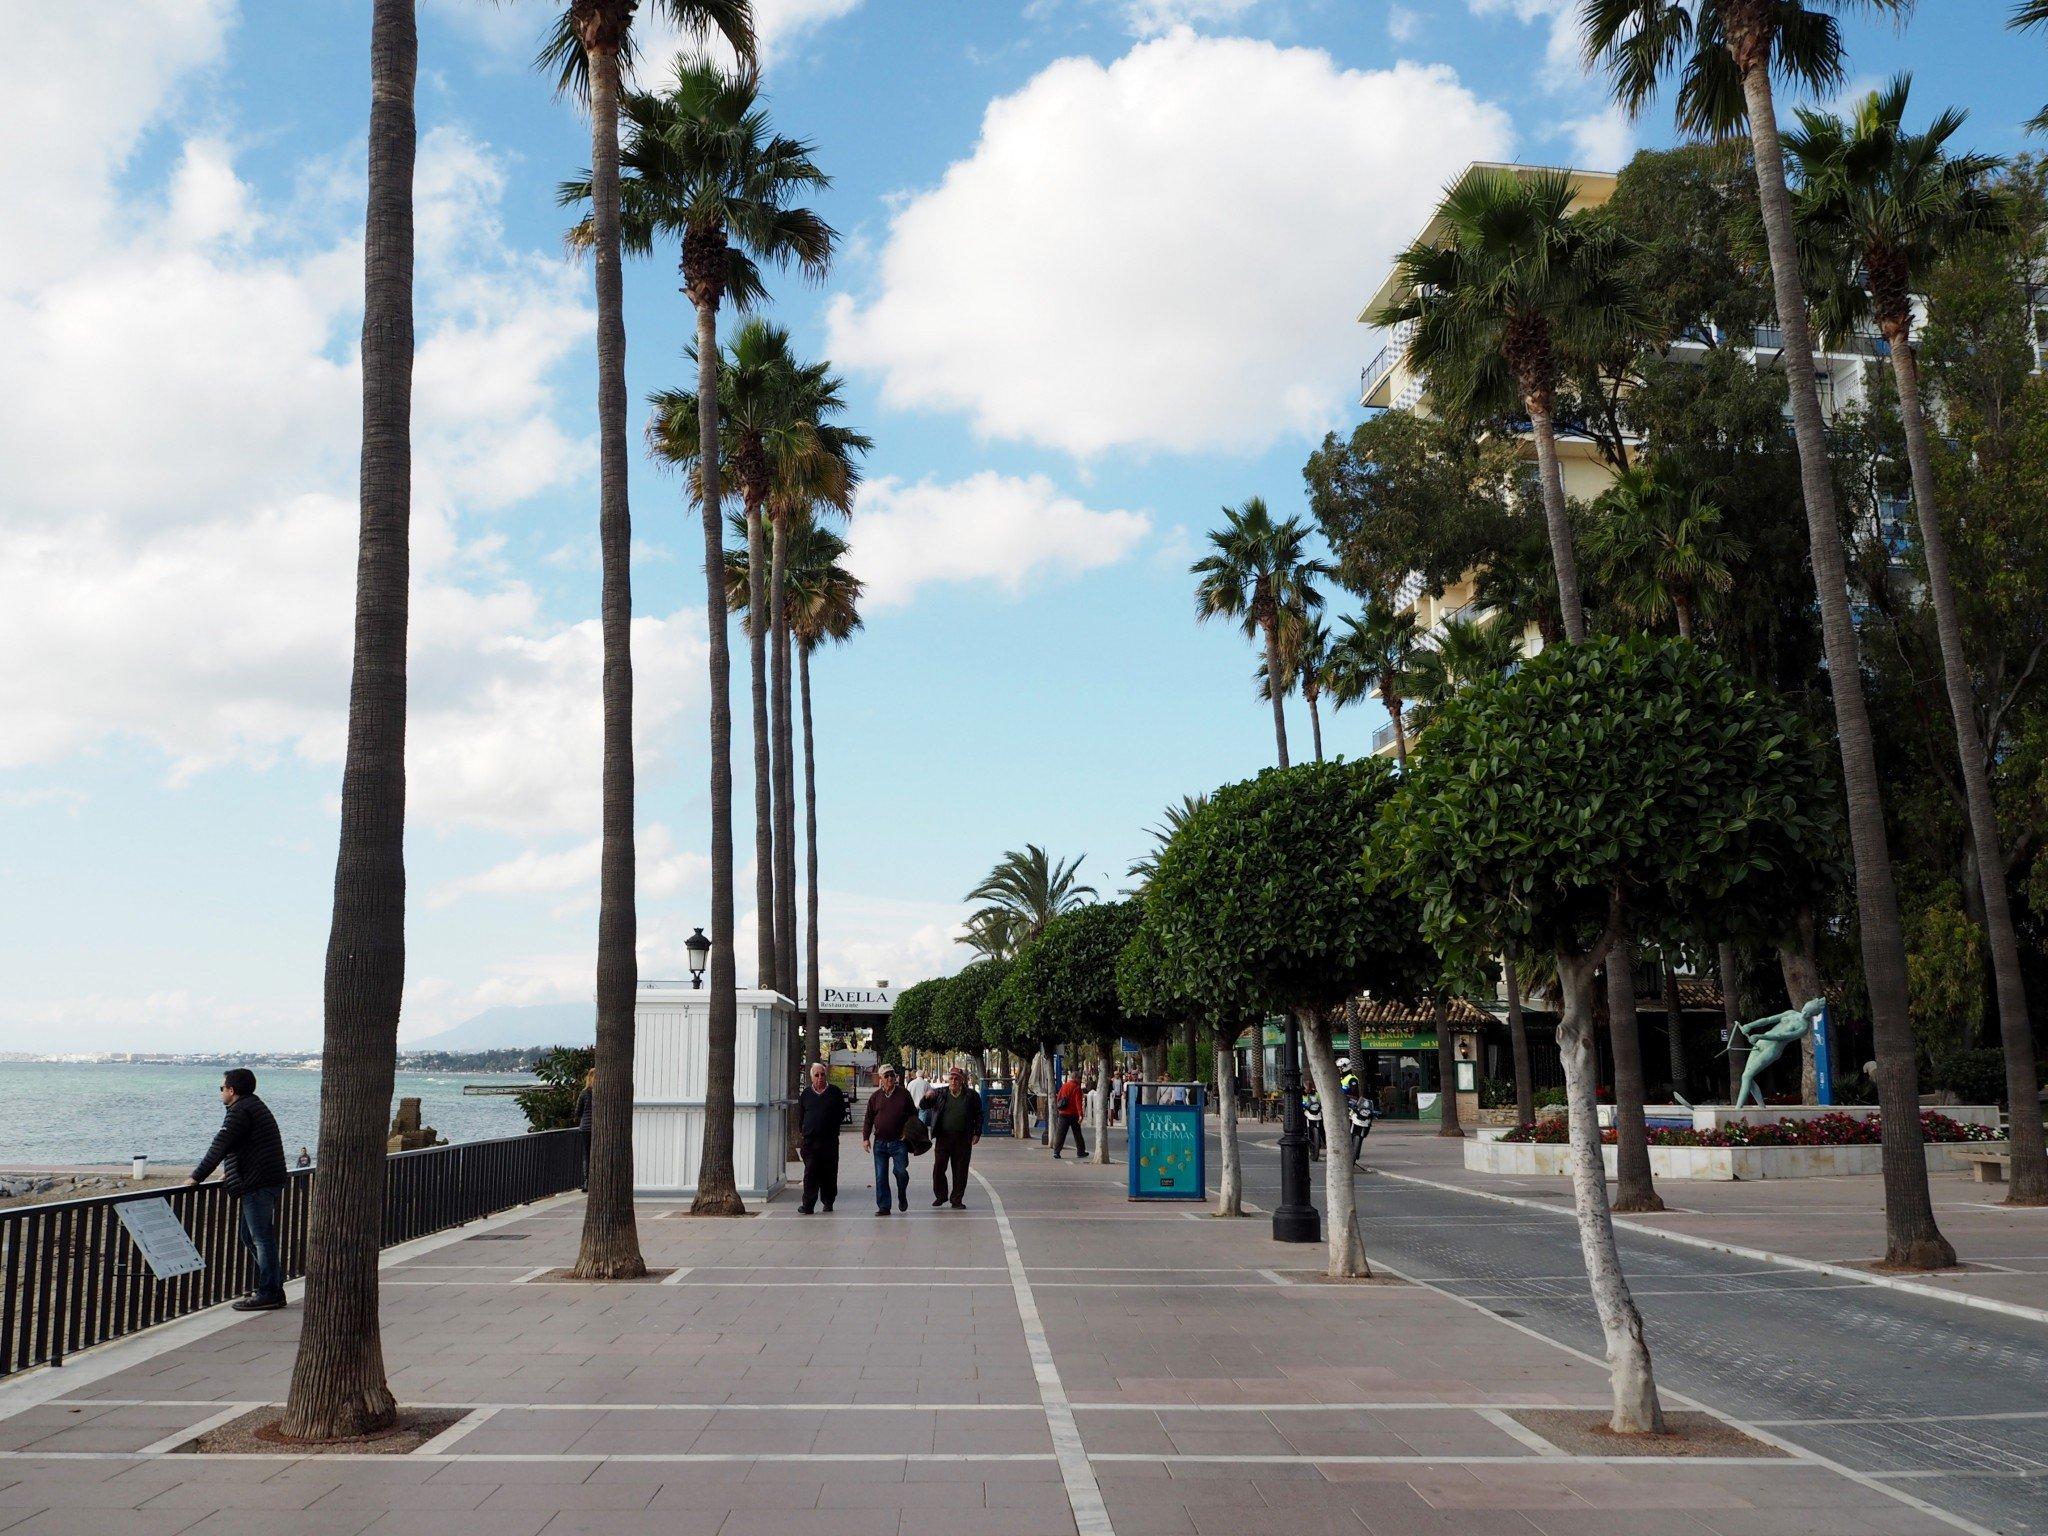 Aurinkorannikko Marbella ranta